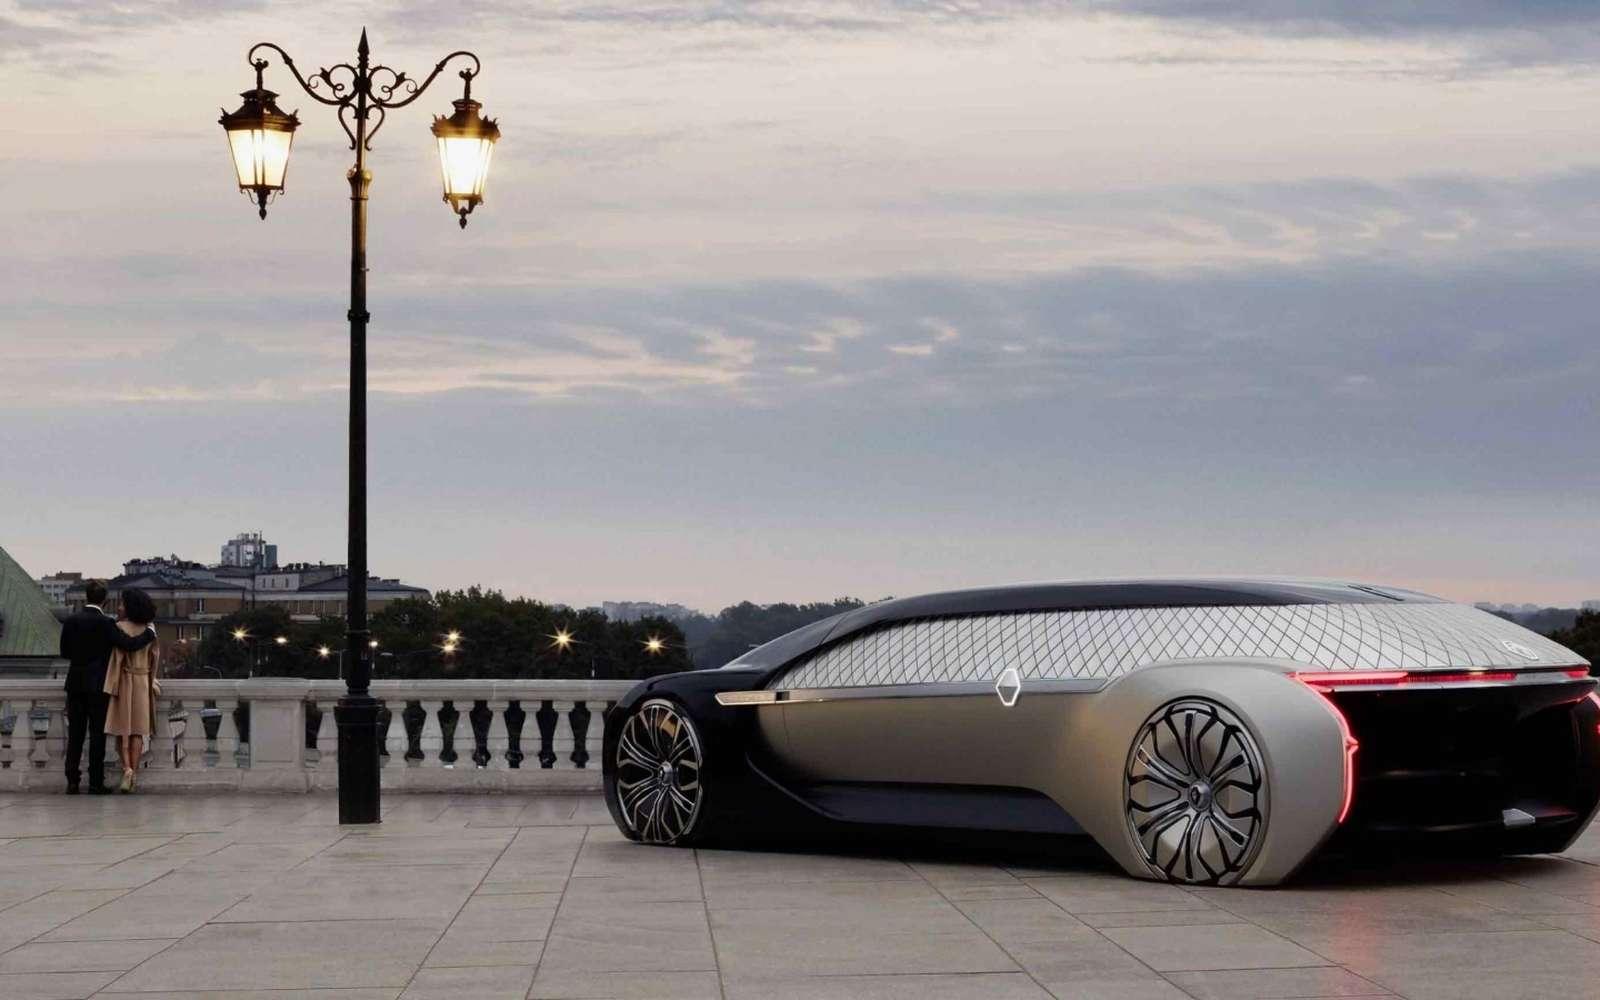 Renault présente plusieurs concepts sur le Paris Motor Show 2018. L'EZ-Ultimo est une voiture électrique totalement autonome. L'intérieur est consacré exclusivement à la détente. © Renault